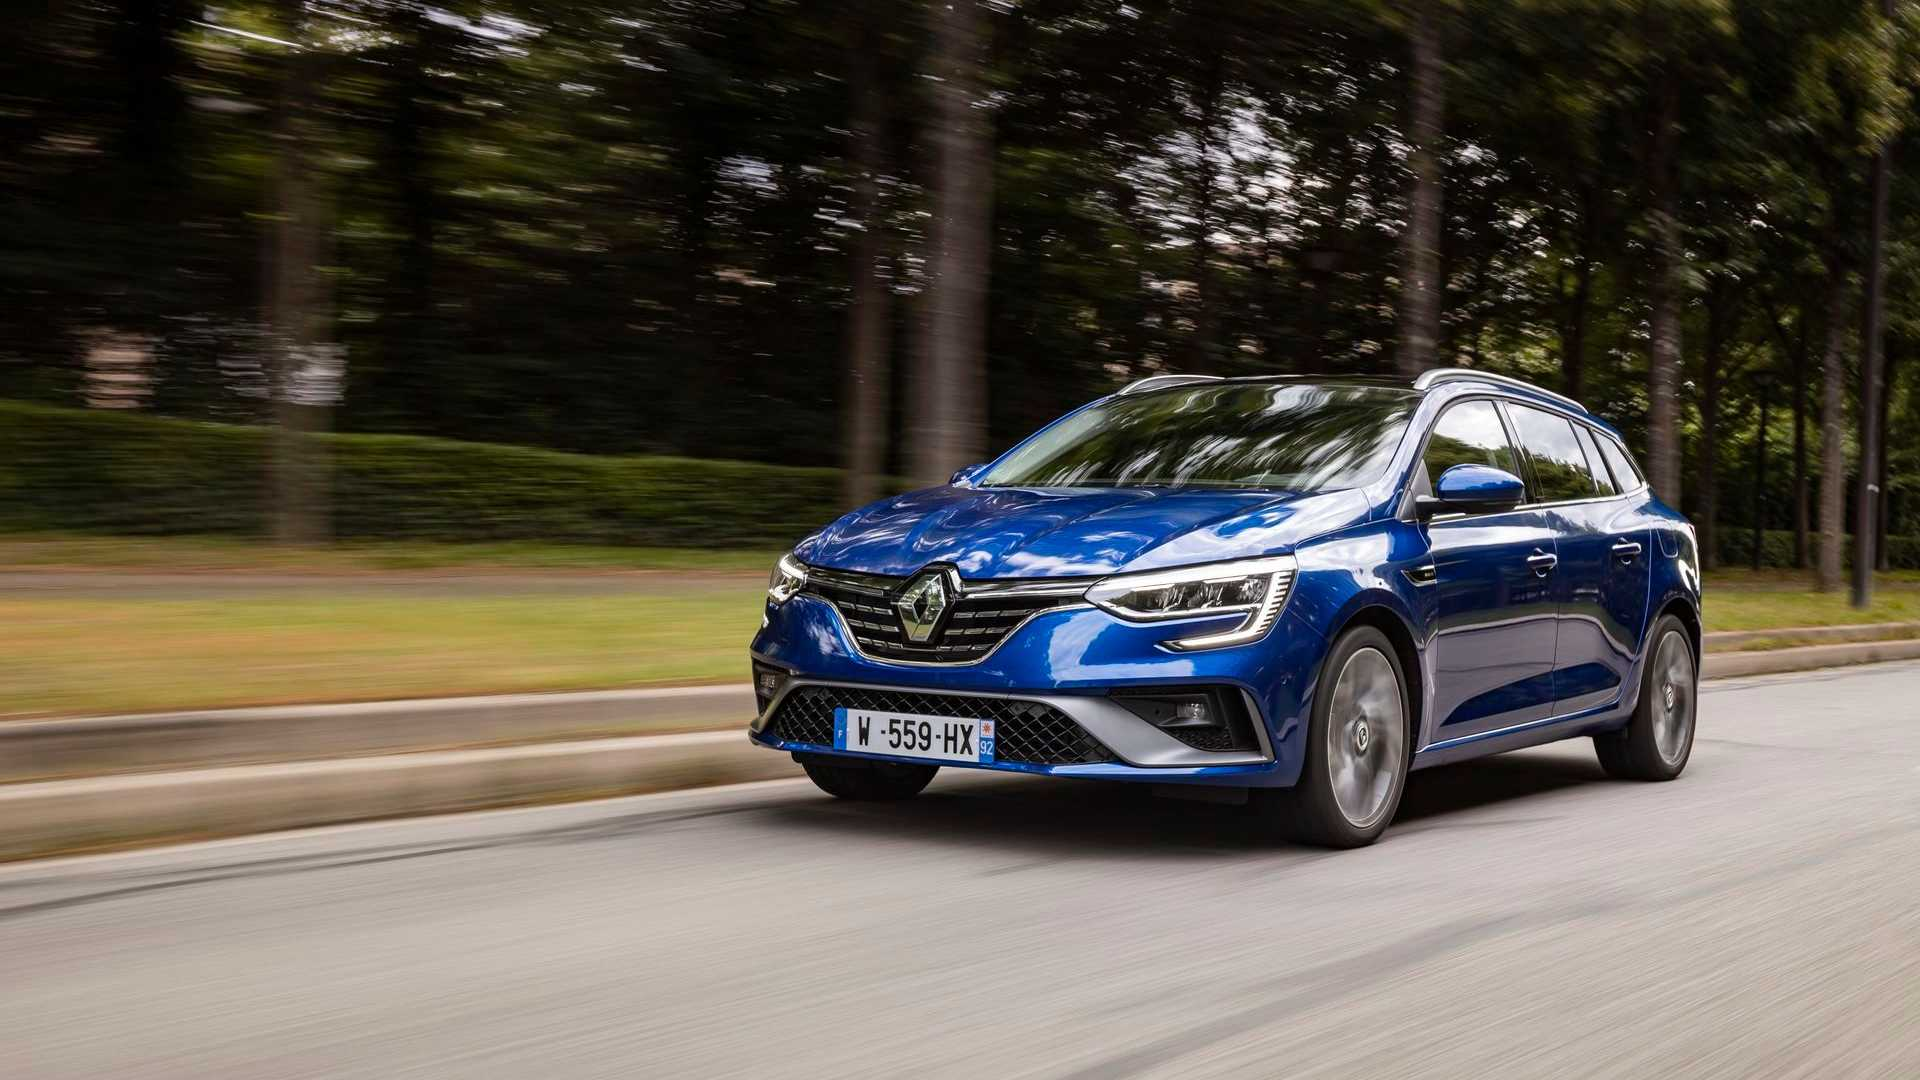 Renault Megane E-TECH PHEV (estate)